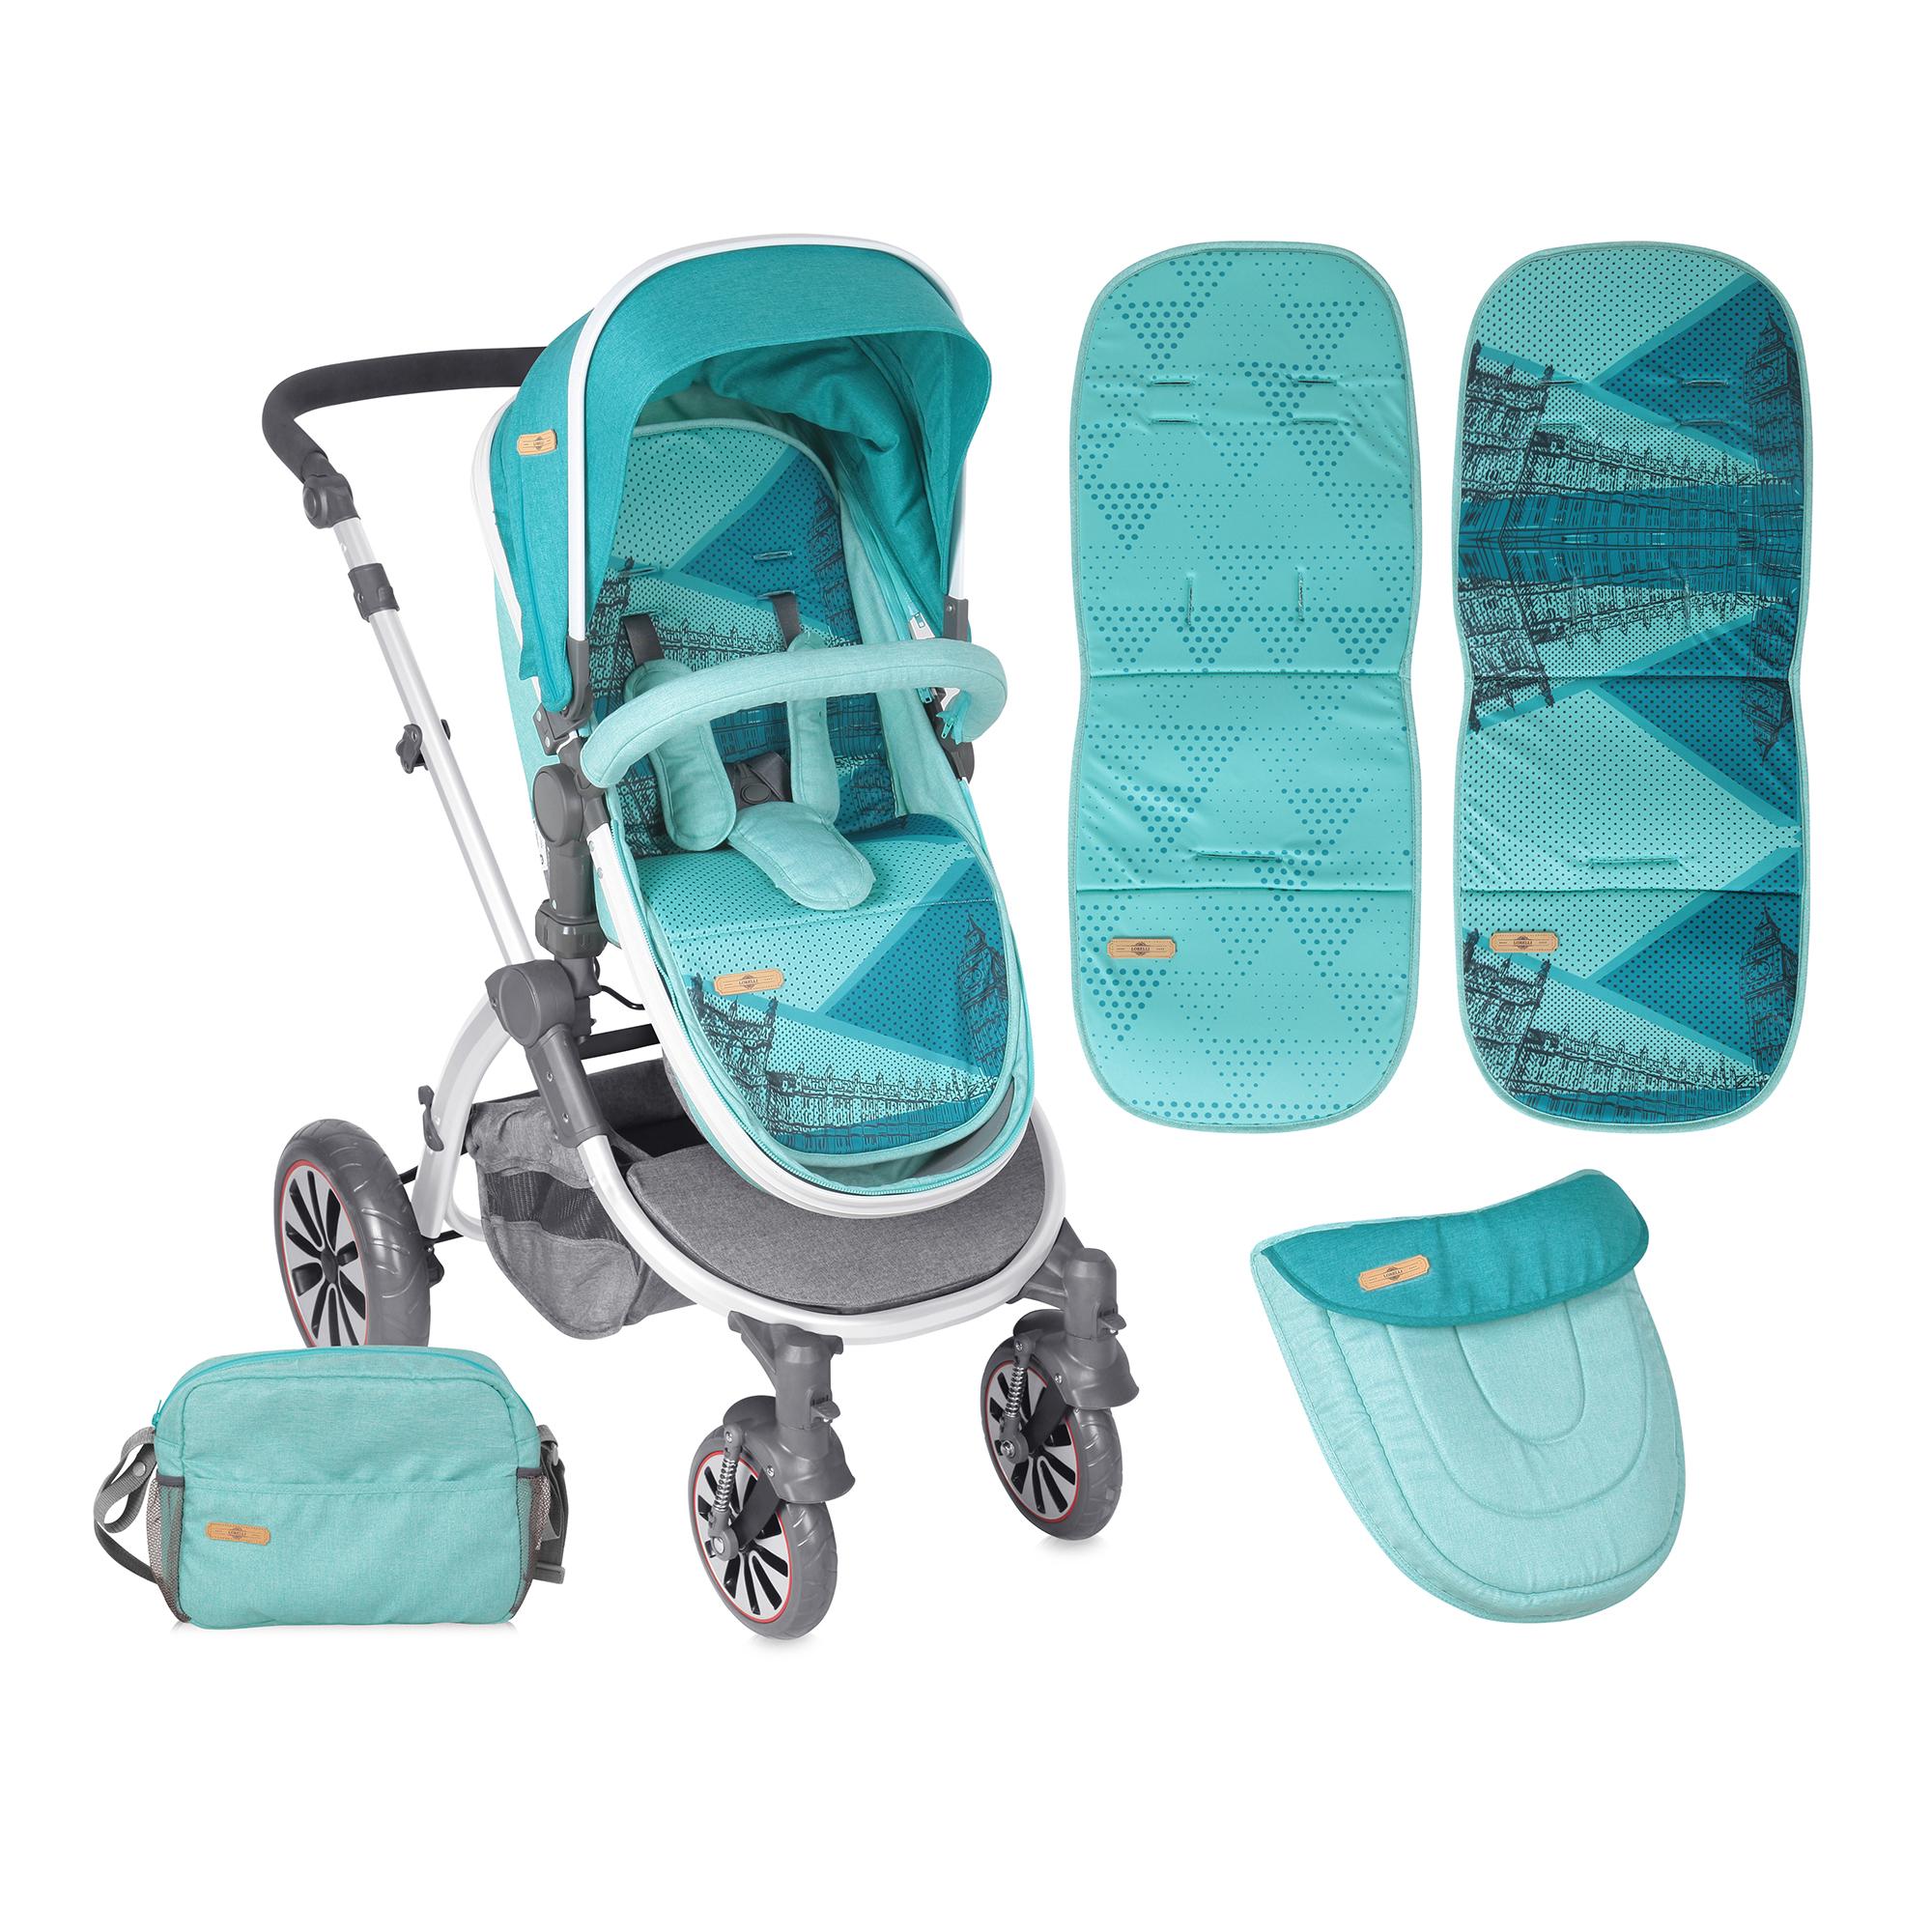 carucior copii 2 in 1 lorelli premium aurora london - aquamarine